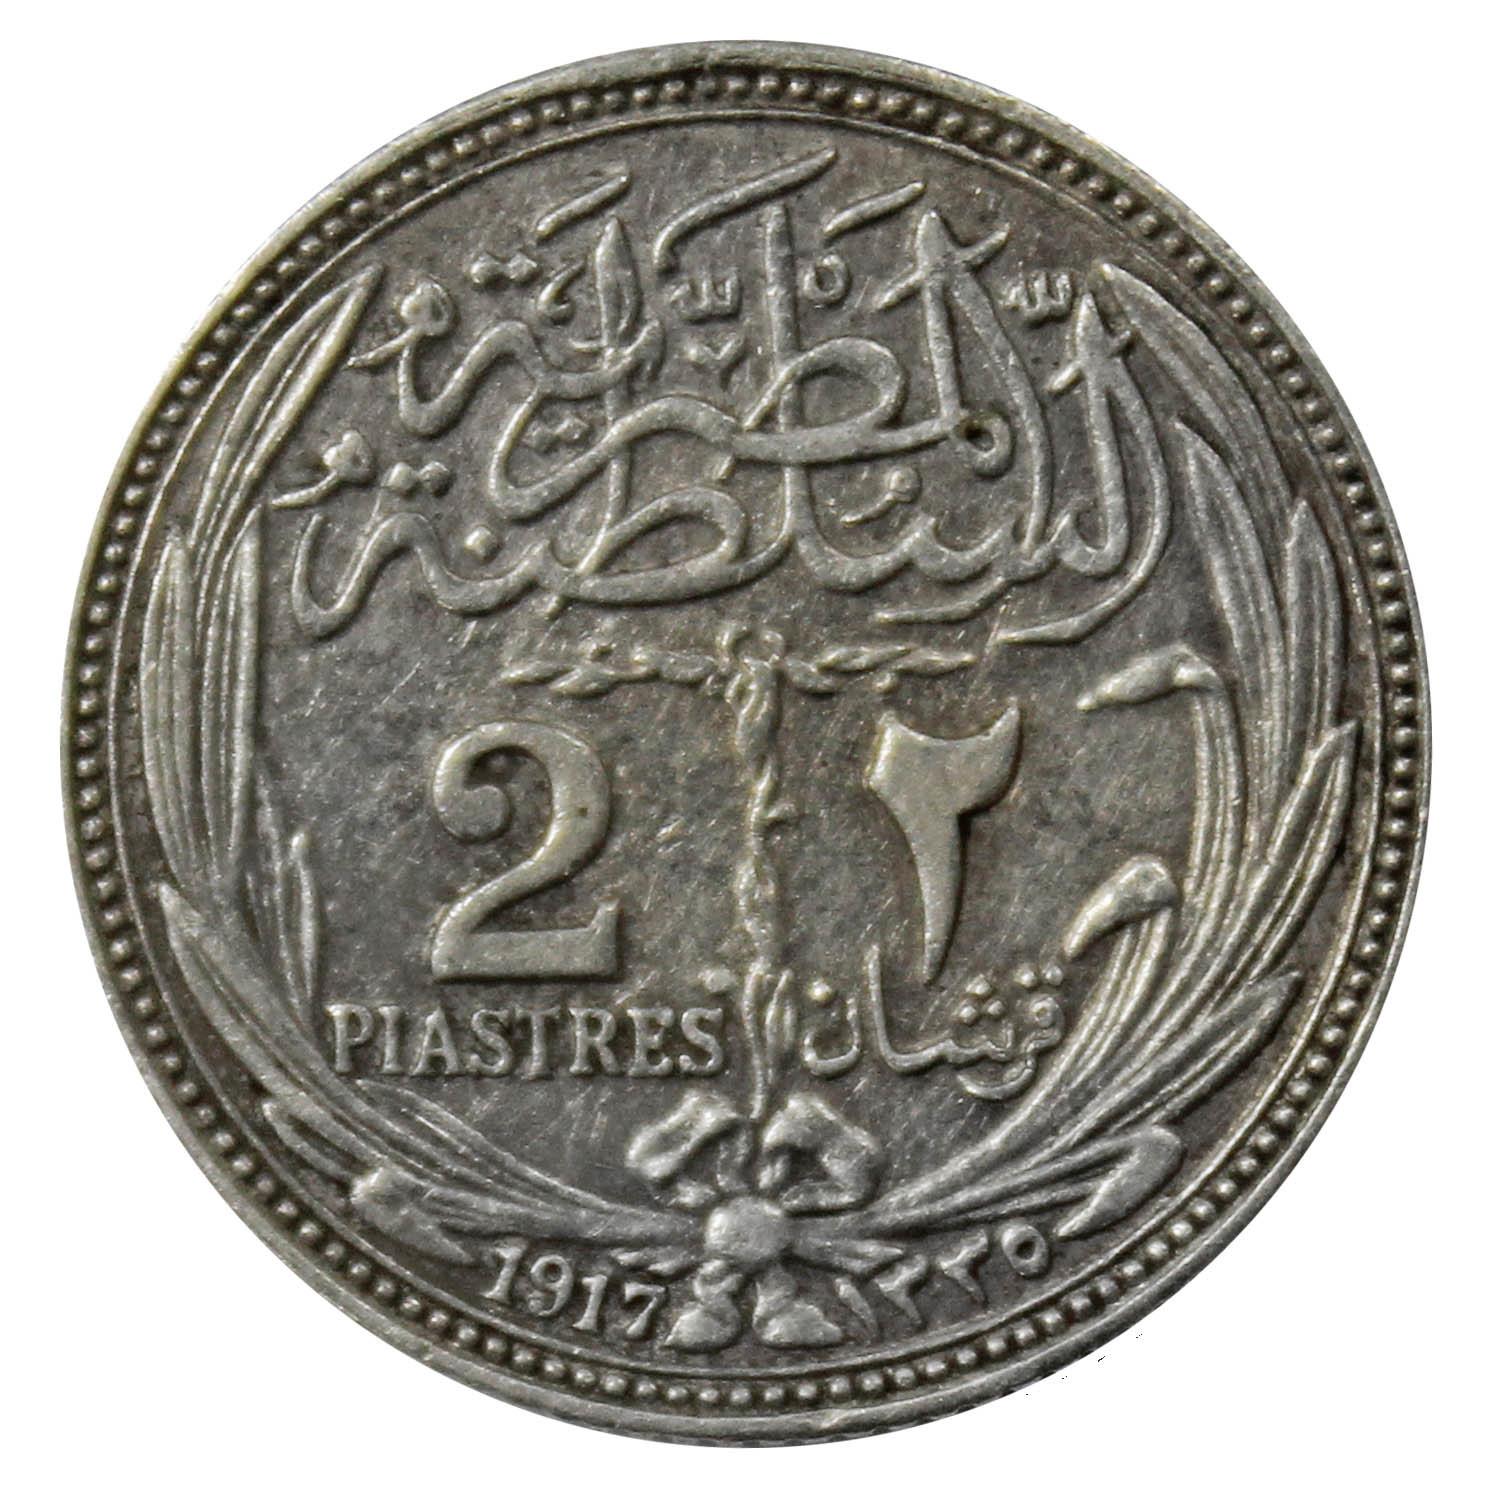 2 пиастра. Египет. 1917 год. Серебро. VF-XF.